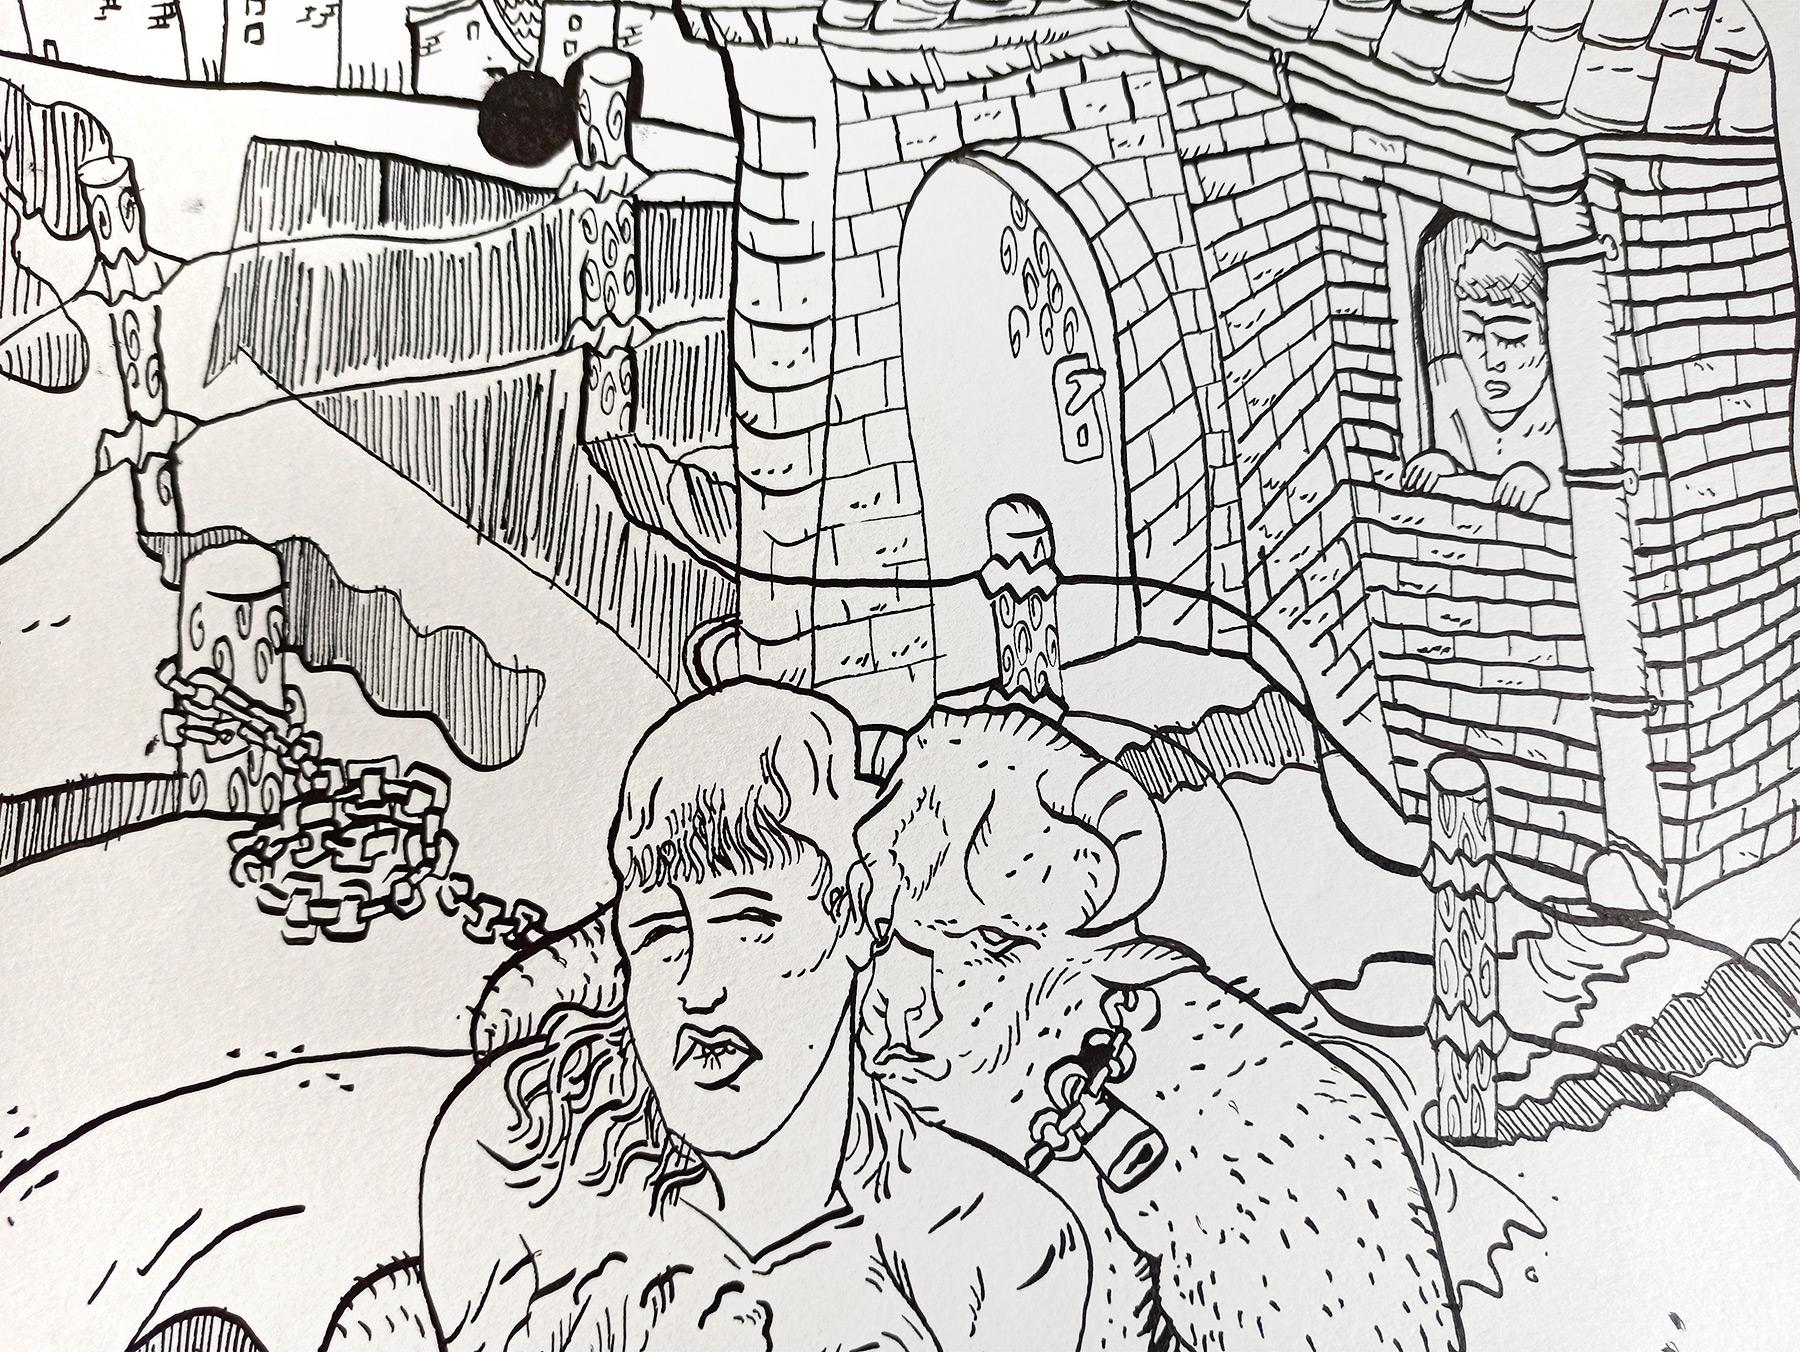 tegninger, ekspressionistiske, figurative, illustrative, kroppe, tegneserier, mennesker, seksualitet, sorte, hvide, artliner, blæk, papir, samtidskunst, erotiske, kvindelig, moderne, moderne-kunst, seksuel, kvinder, Køb original kunst og kunstplakater. Malerier, tegninger, limited edition kunsttryk & plakater af dygtige kunstnere.